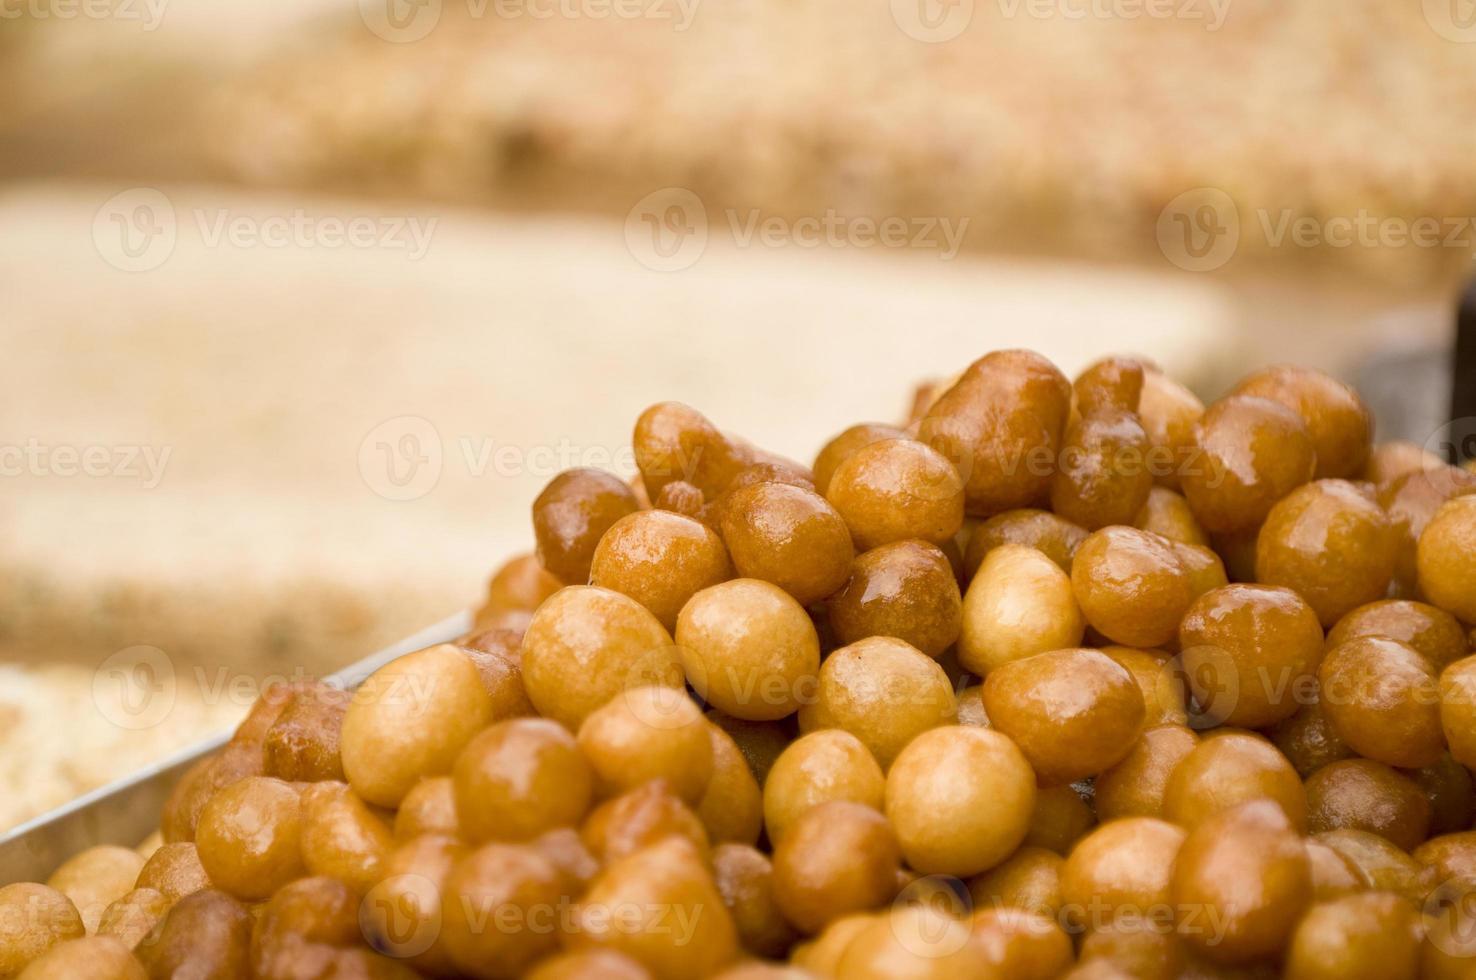 dolce deserto arabo foto